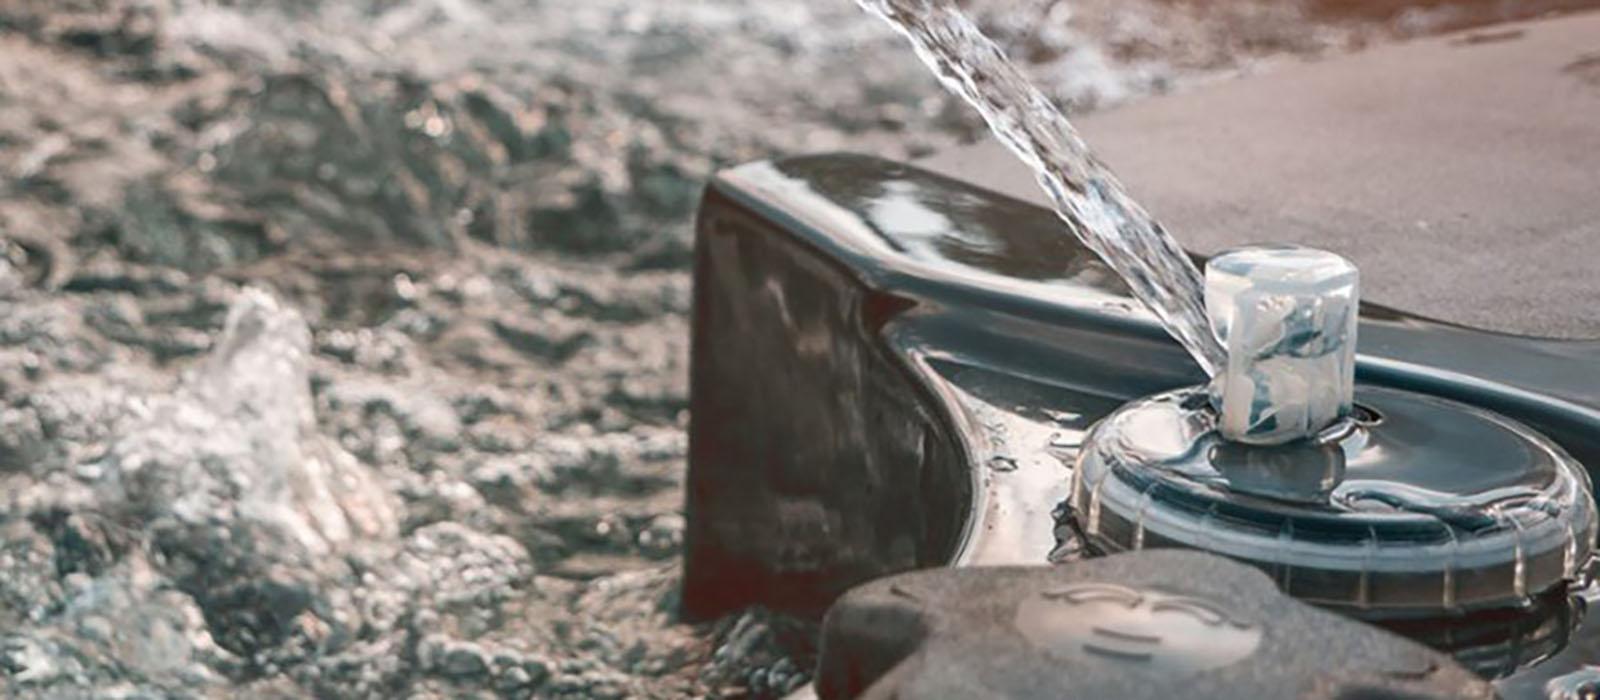 Vattenstråle i ett spabad.